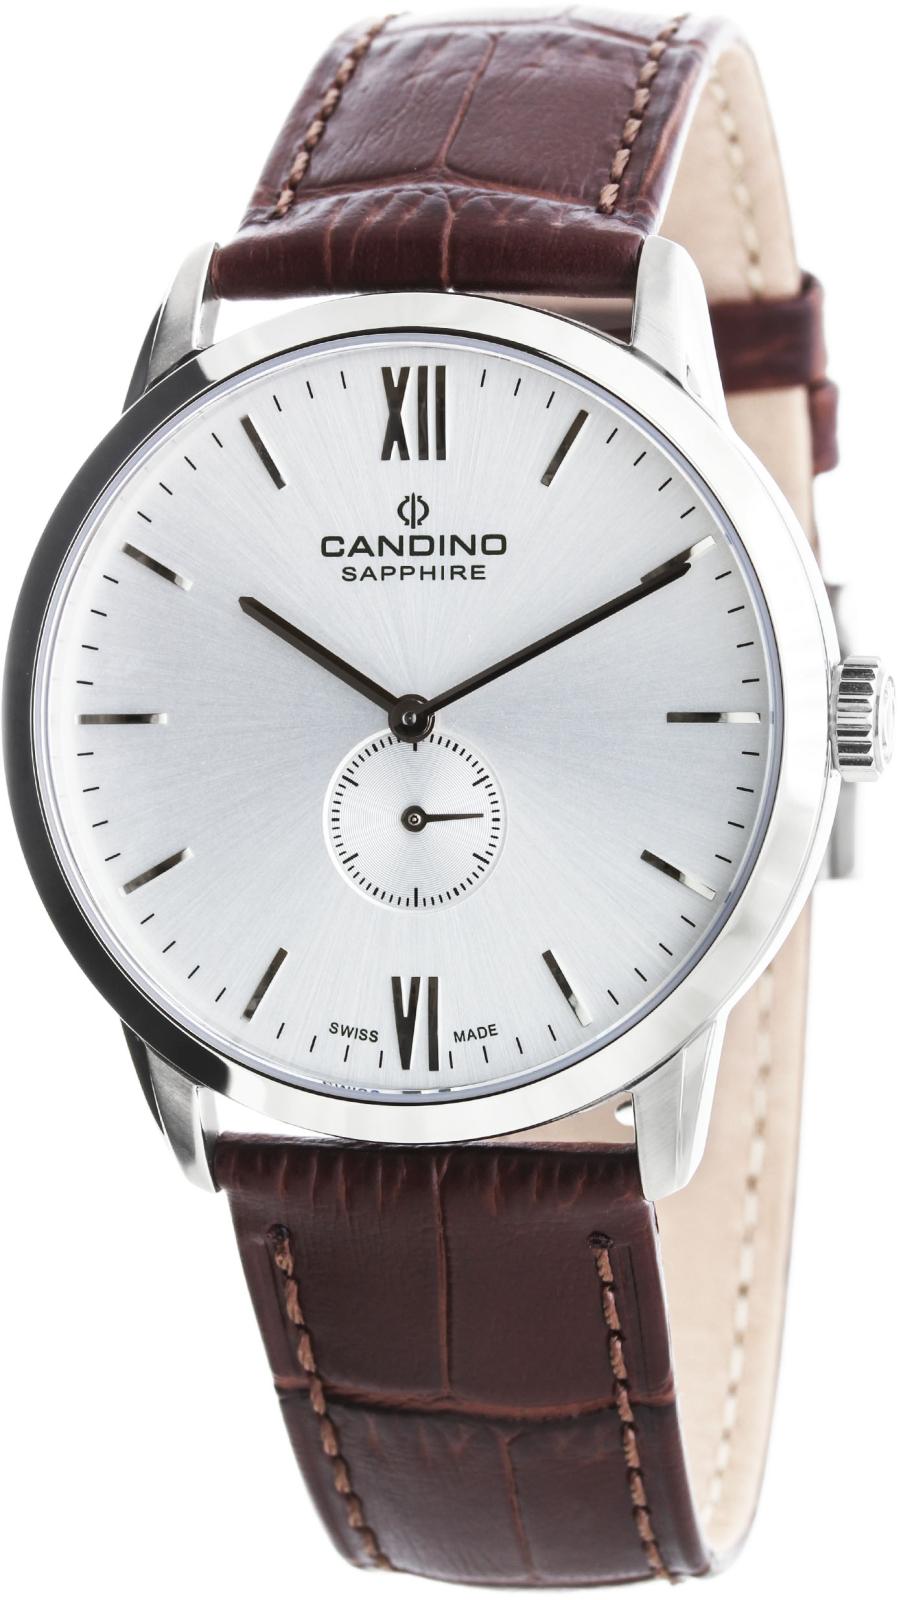 Candino Classic C4470/2Наручные часы<br>Швейцарские часы Candino Classic C4470/2<br><br>Пол: Мужские<br>Страна-производитель: Швейцария<br>Механизм: Кварцевый<br>Материал корпуса: Сталь<br>Материал ремня/браслета: Кожа<br>Водозащита, диапазон: 20 - 100 м<br>Стекло: Сапфировое<br>Толщина корпуса: 8 мм<br>Стиль: Классика